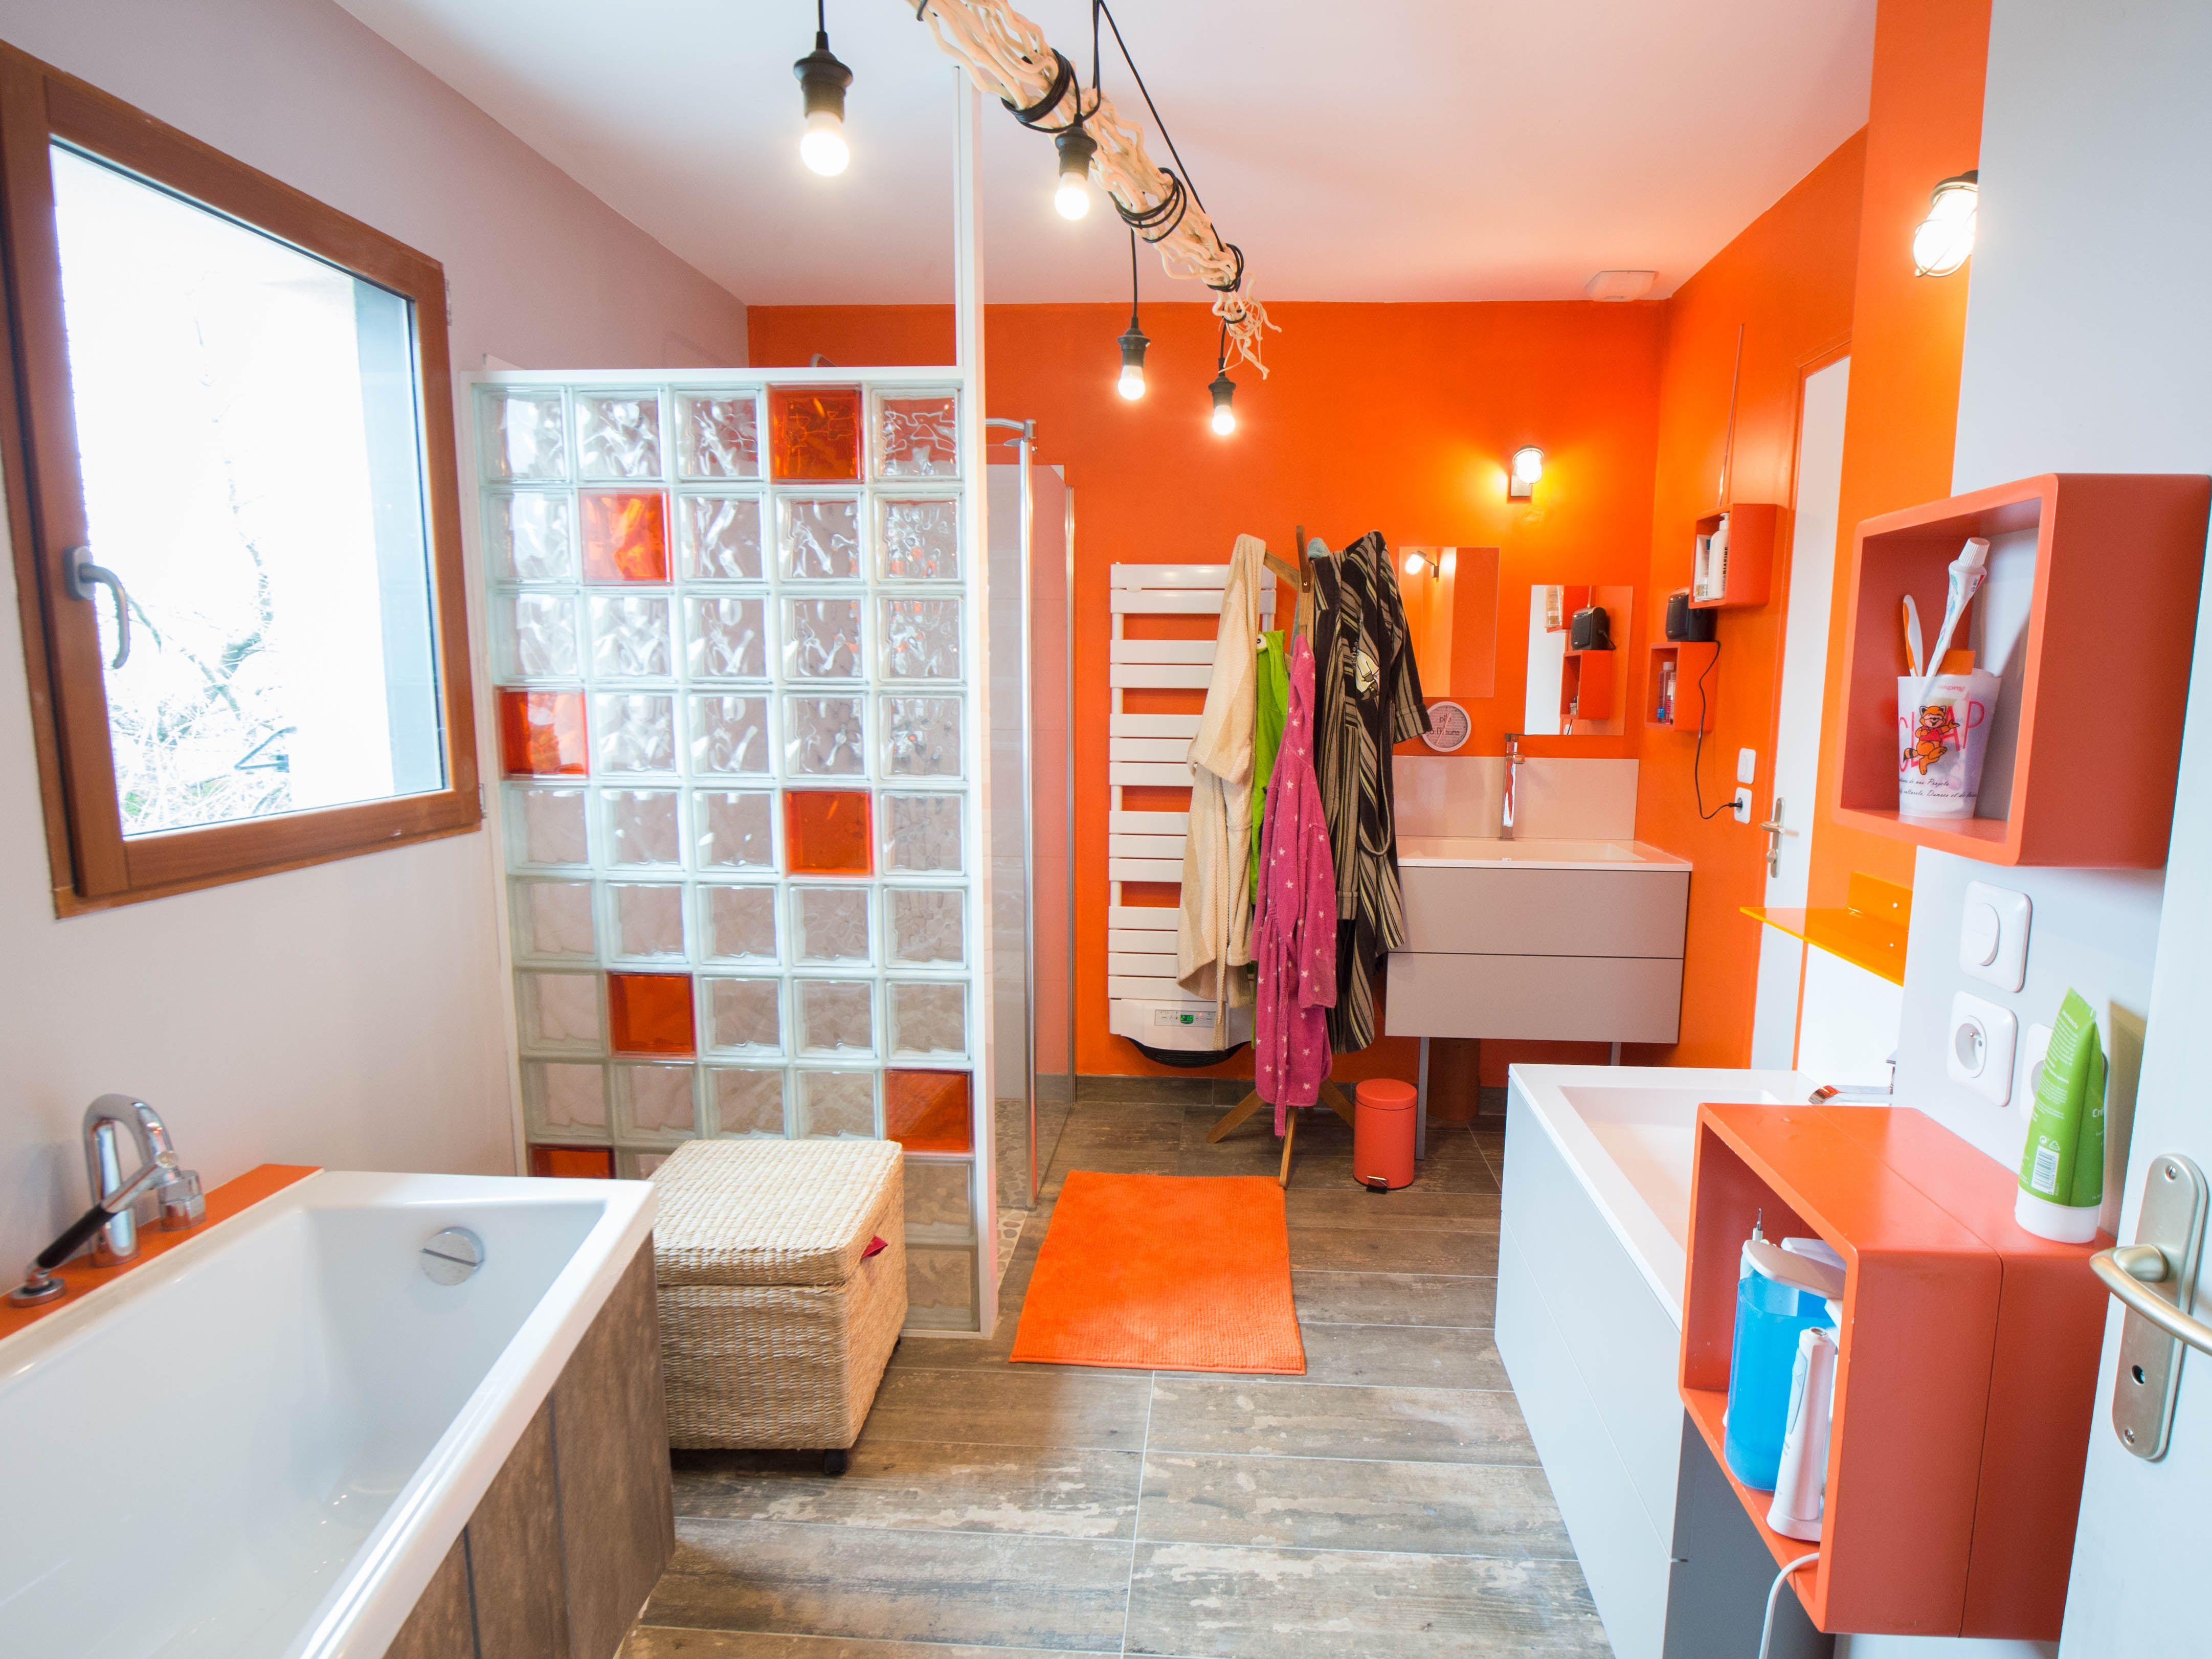 Une salle de bains colorée avec du orange et des briques de couleurs ...